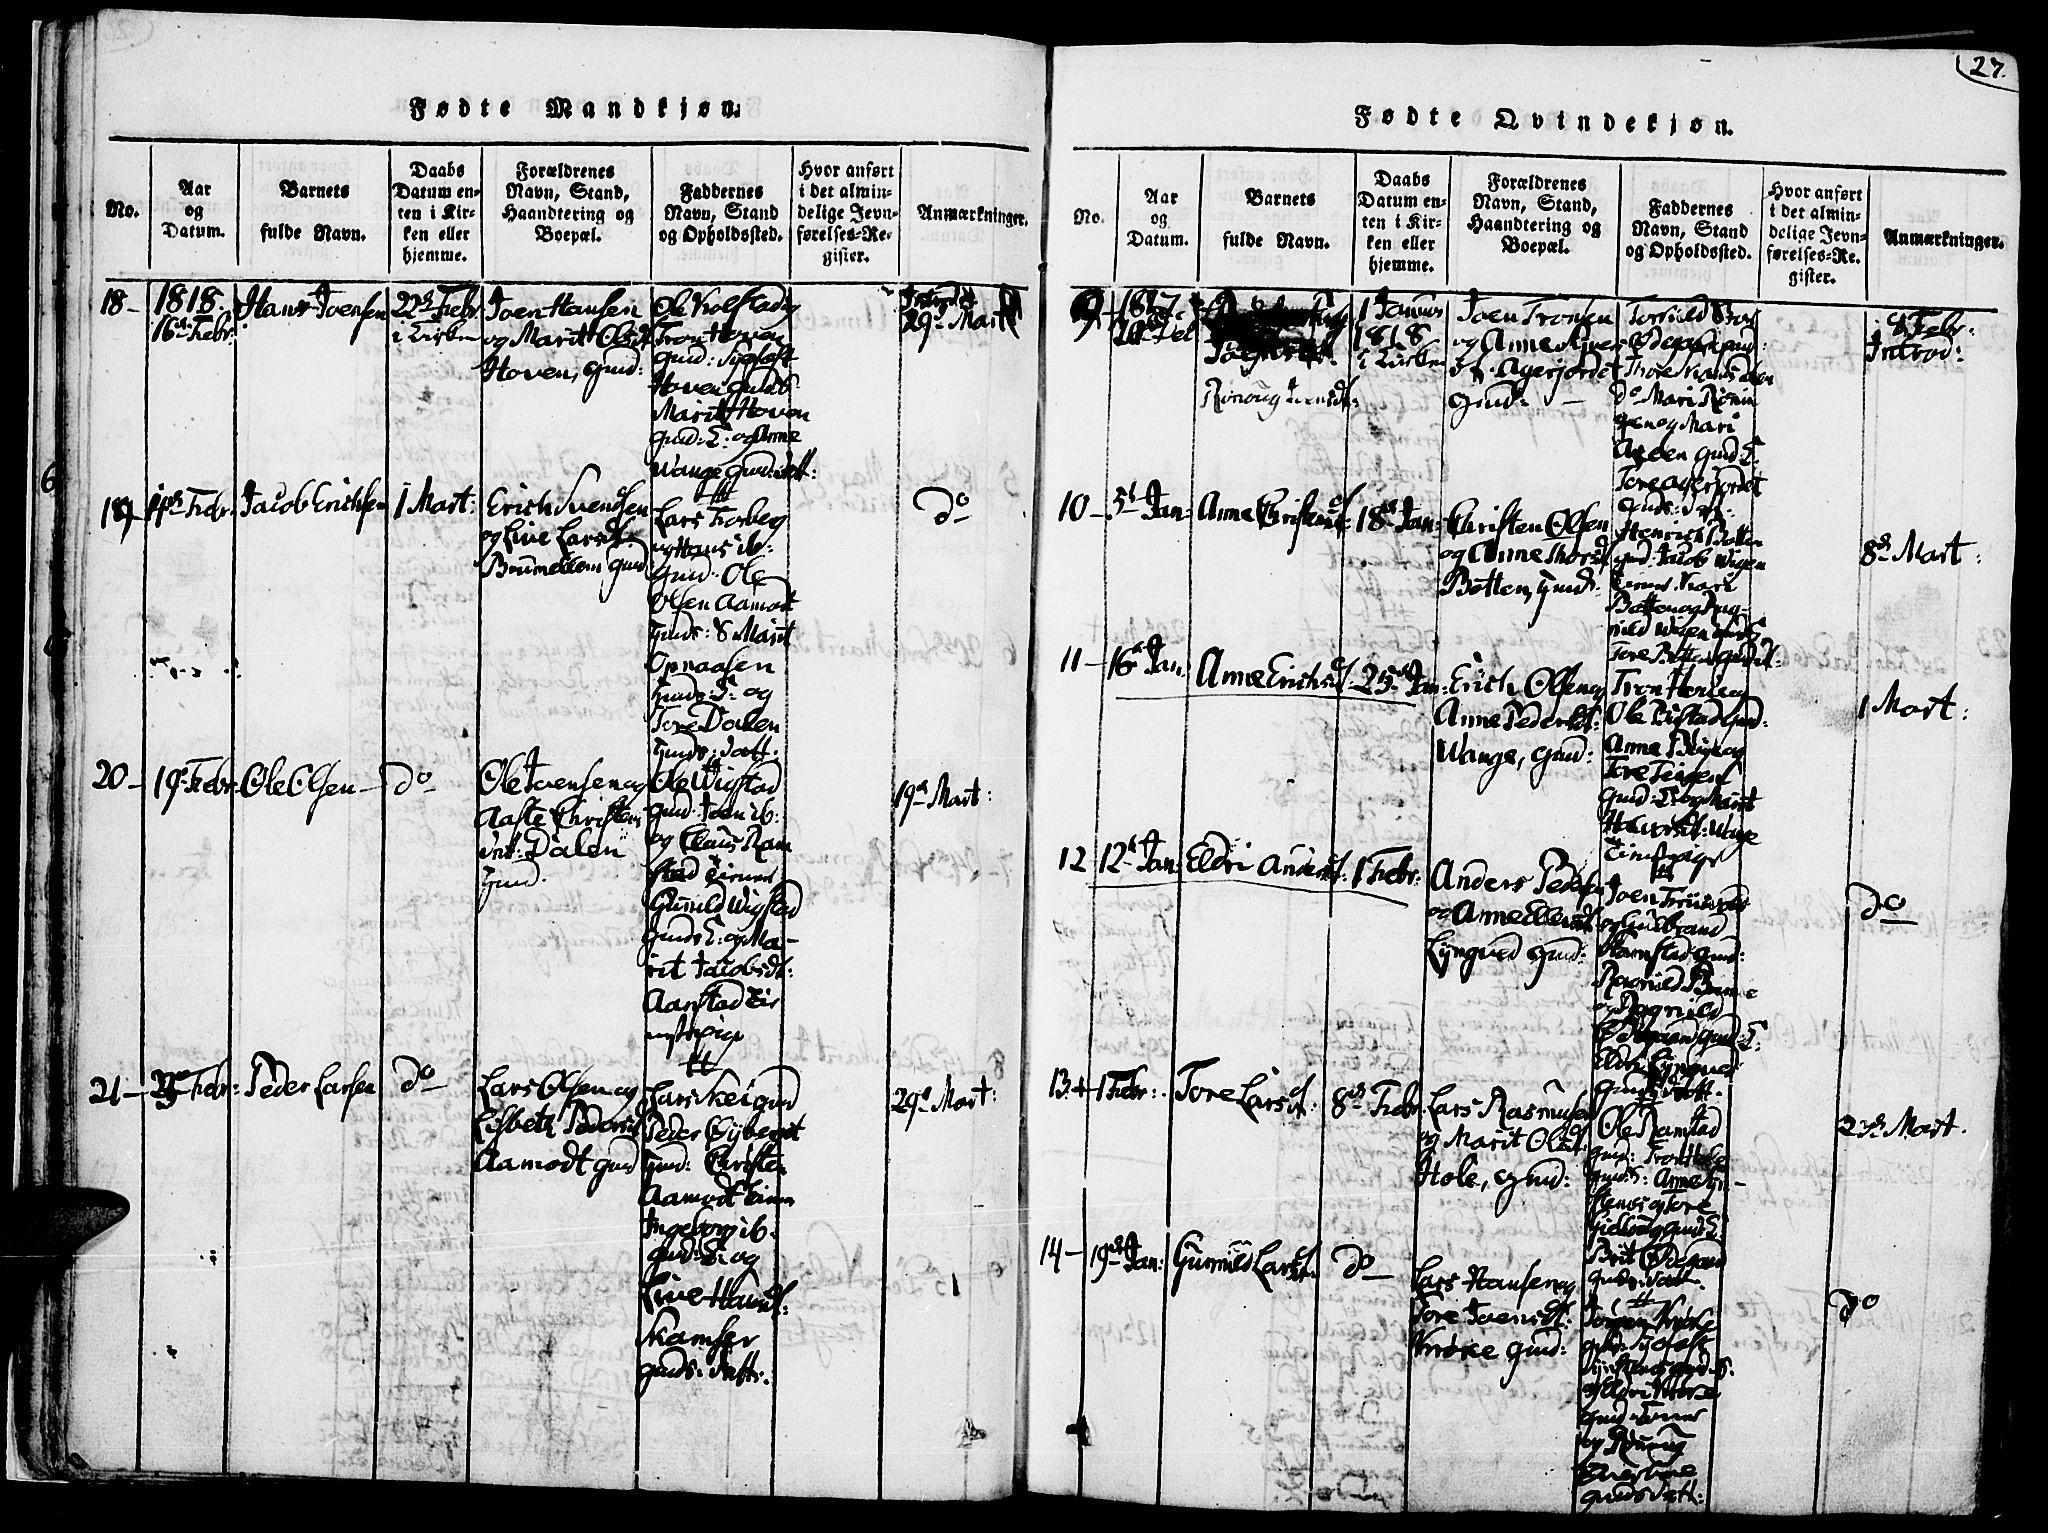 SAH, Lom prestekontor, K/L0004: Ministerialbok nr. 4, 1815-1825, s. 27